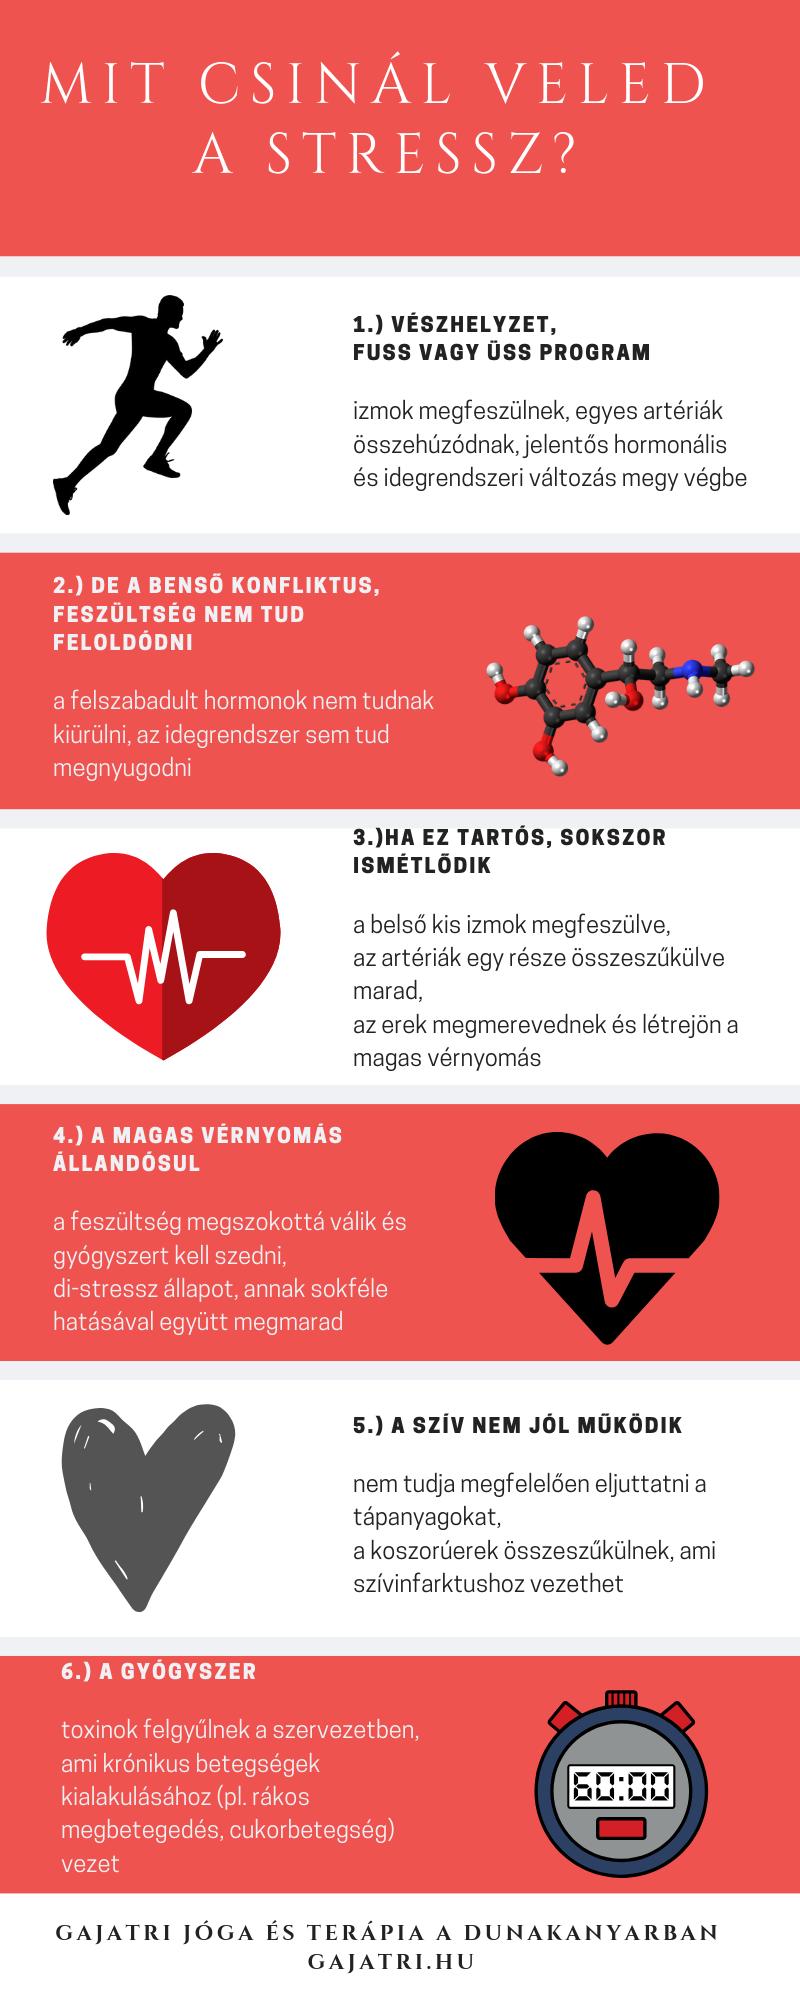 Fórum magas vérnyomású hagyományos orvoslás magas vérnyomás elleni gyógyszerek népi gyógymódok